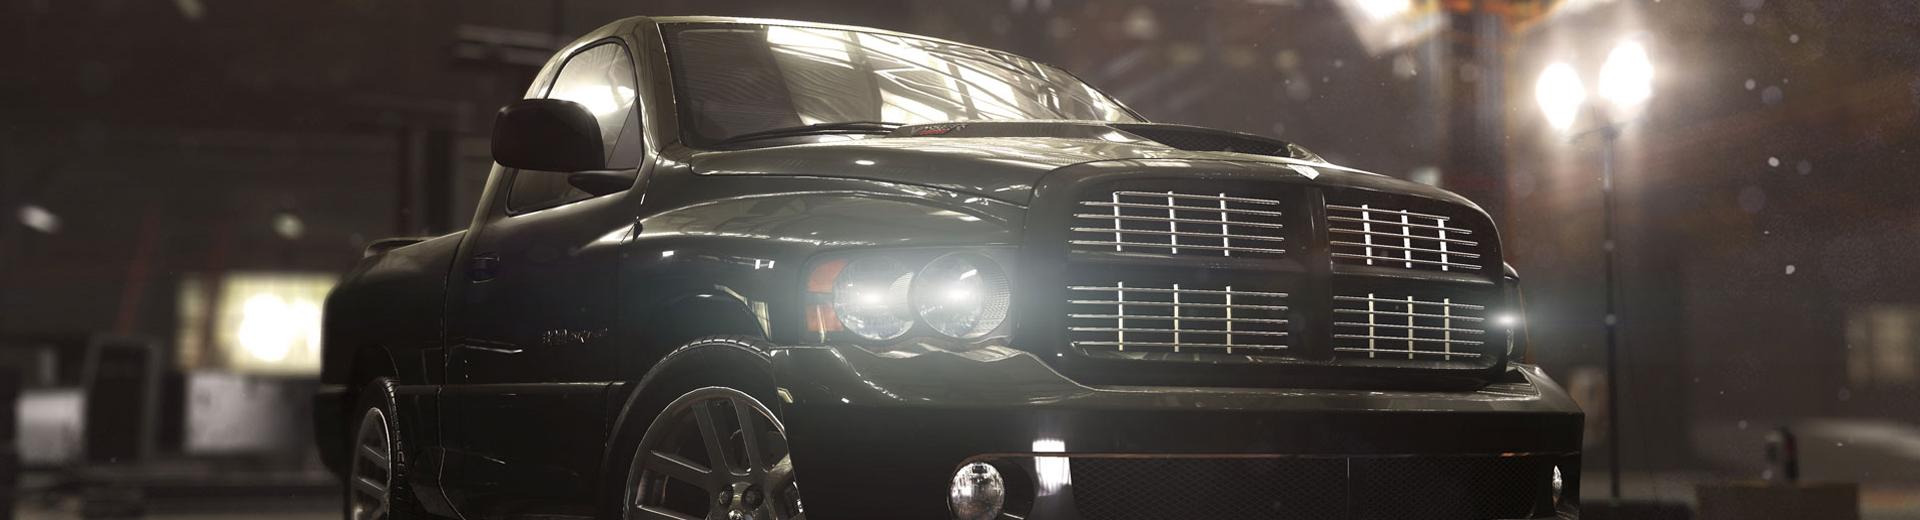 XENON verlichting Dodge RAM